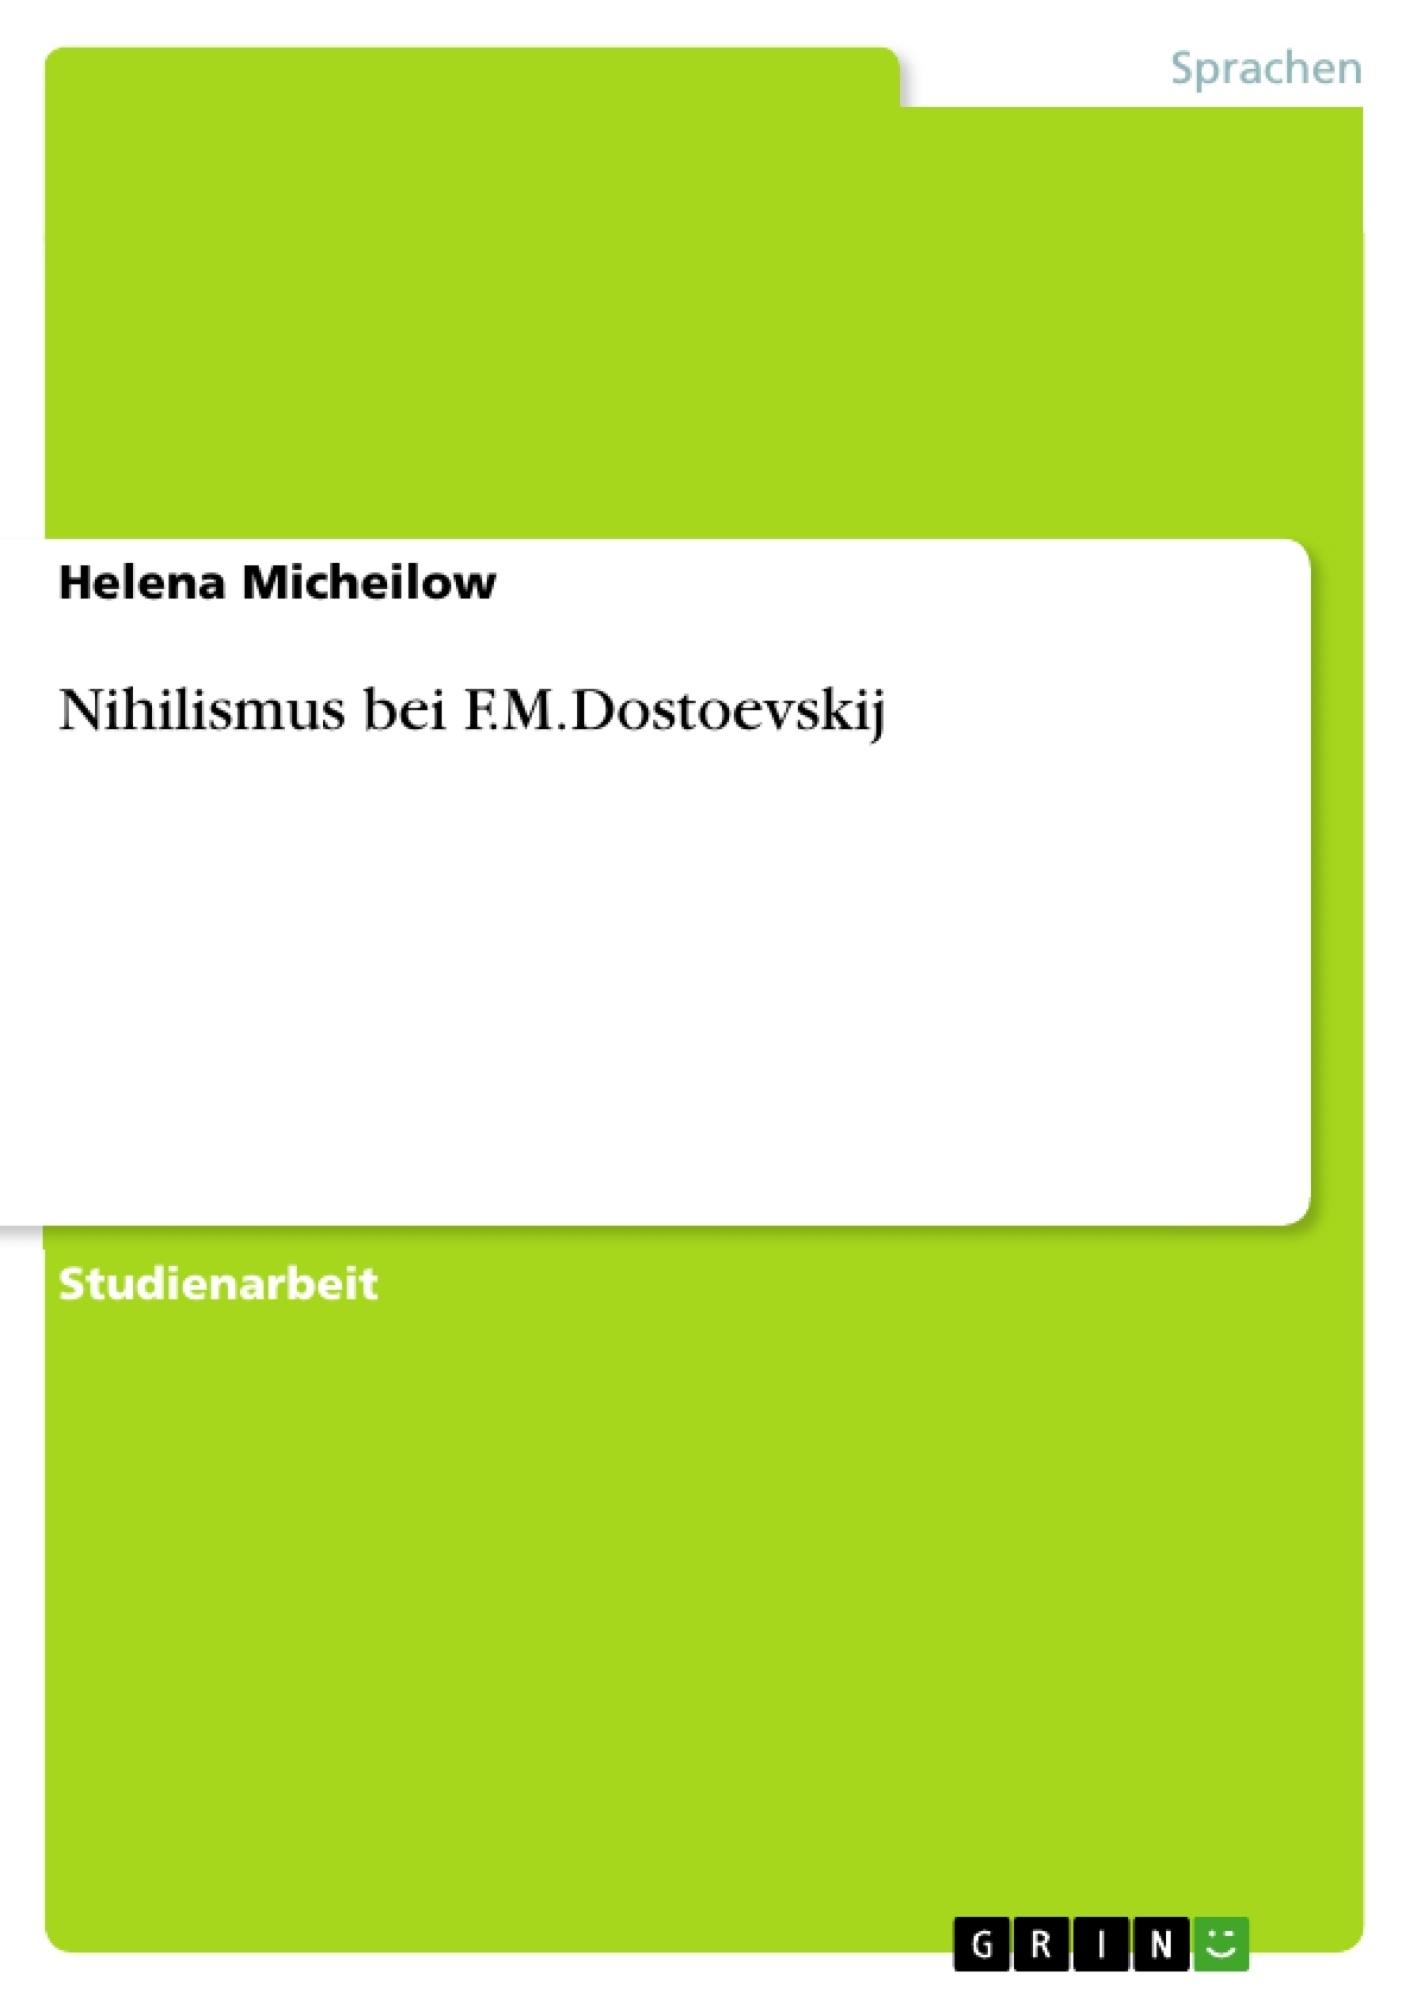 Titel: Nihilismus bei F.M.Dostoevskij